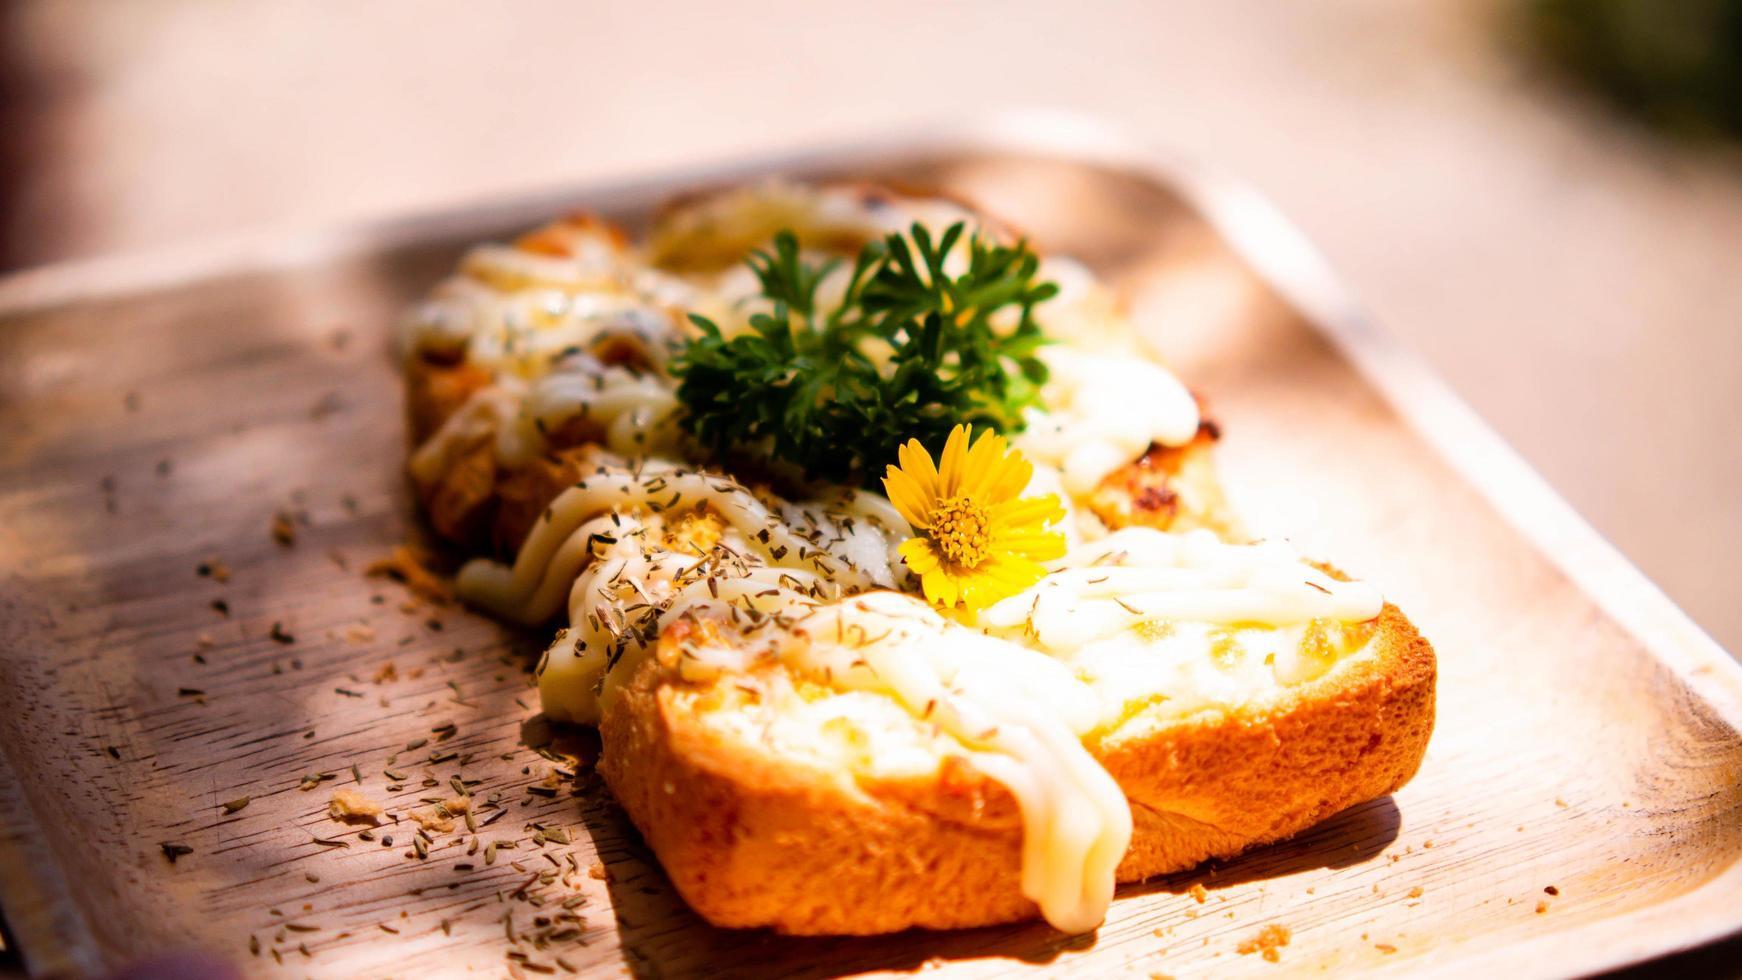 Scheibe geröstetes Weißbrot mit Mayonnaise bestrichen mit Blume und foto